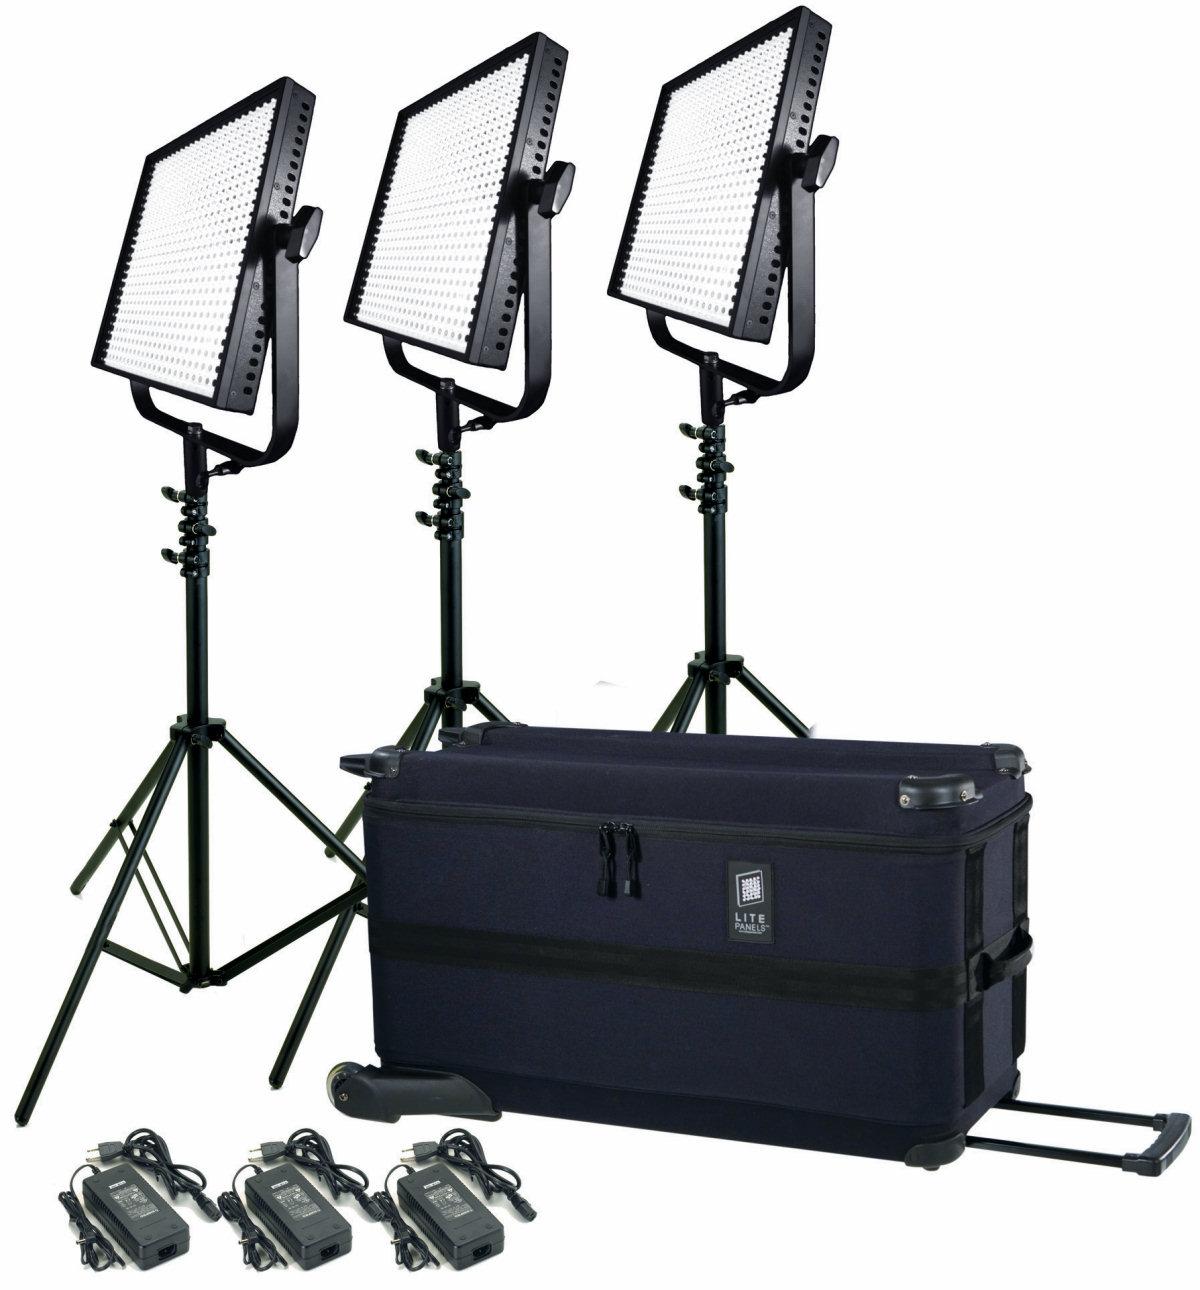 lighting kit news new light ls traveler led the kits litepanels